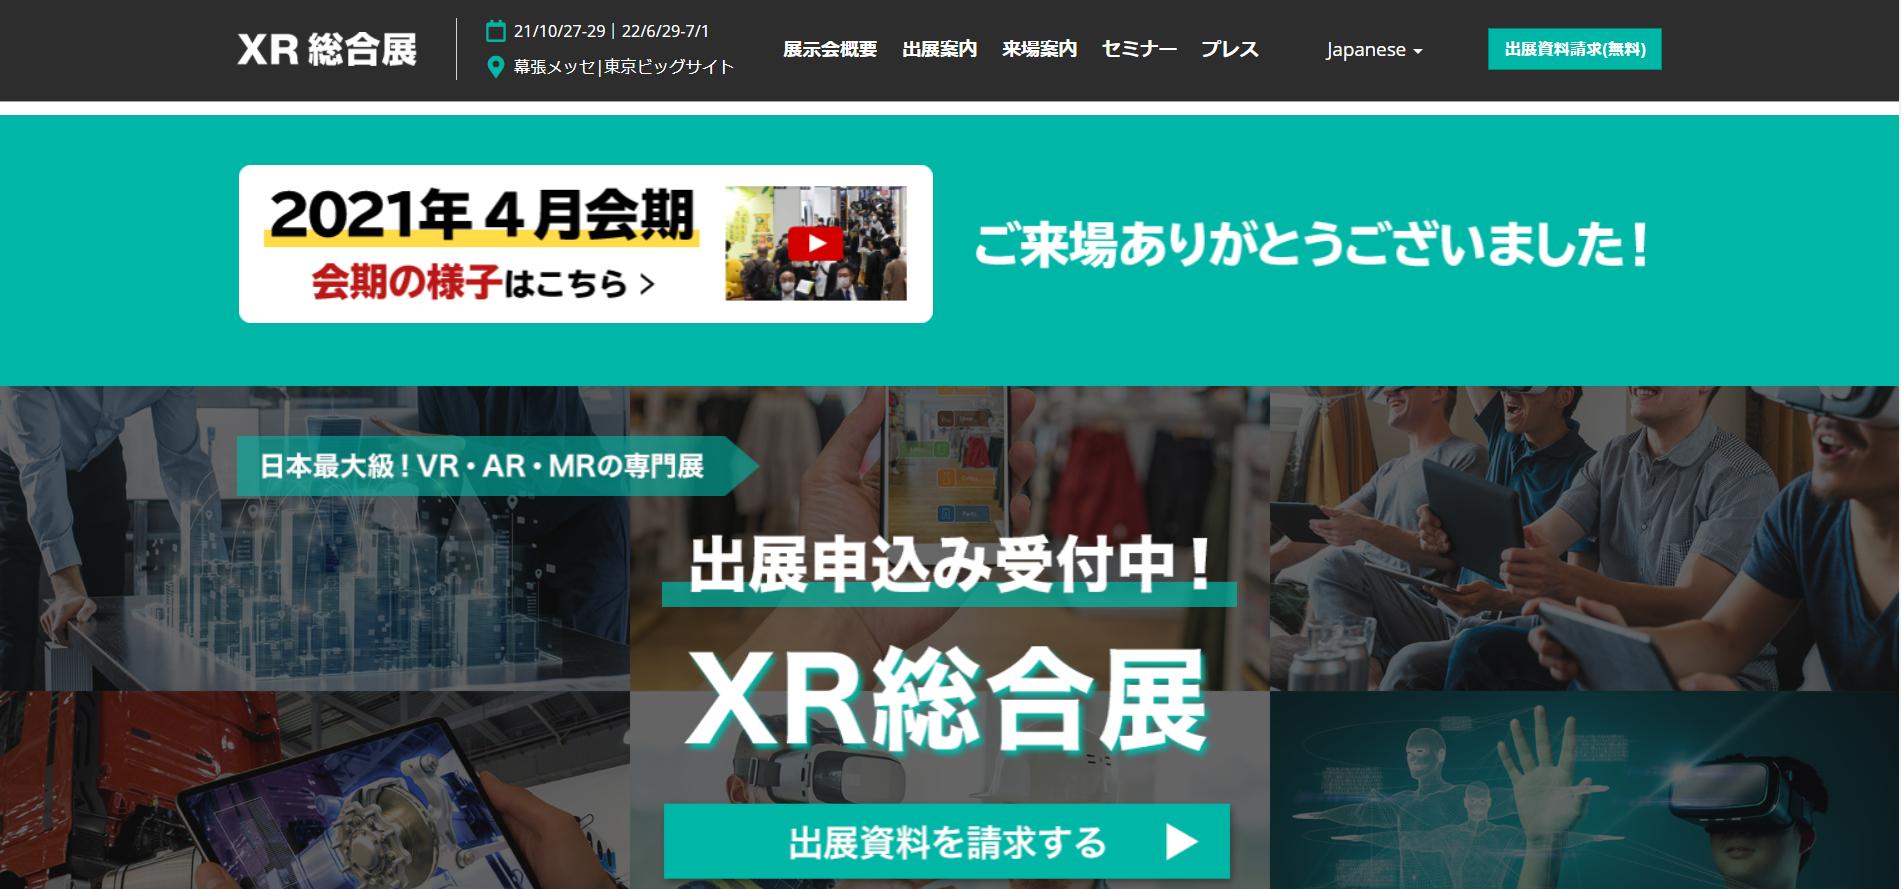 XR総合展